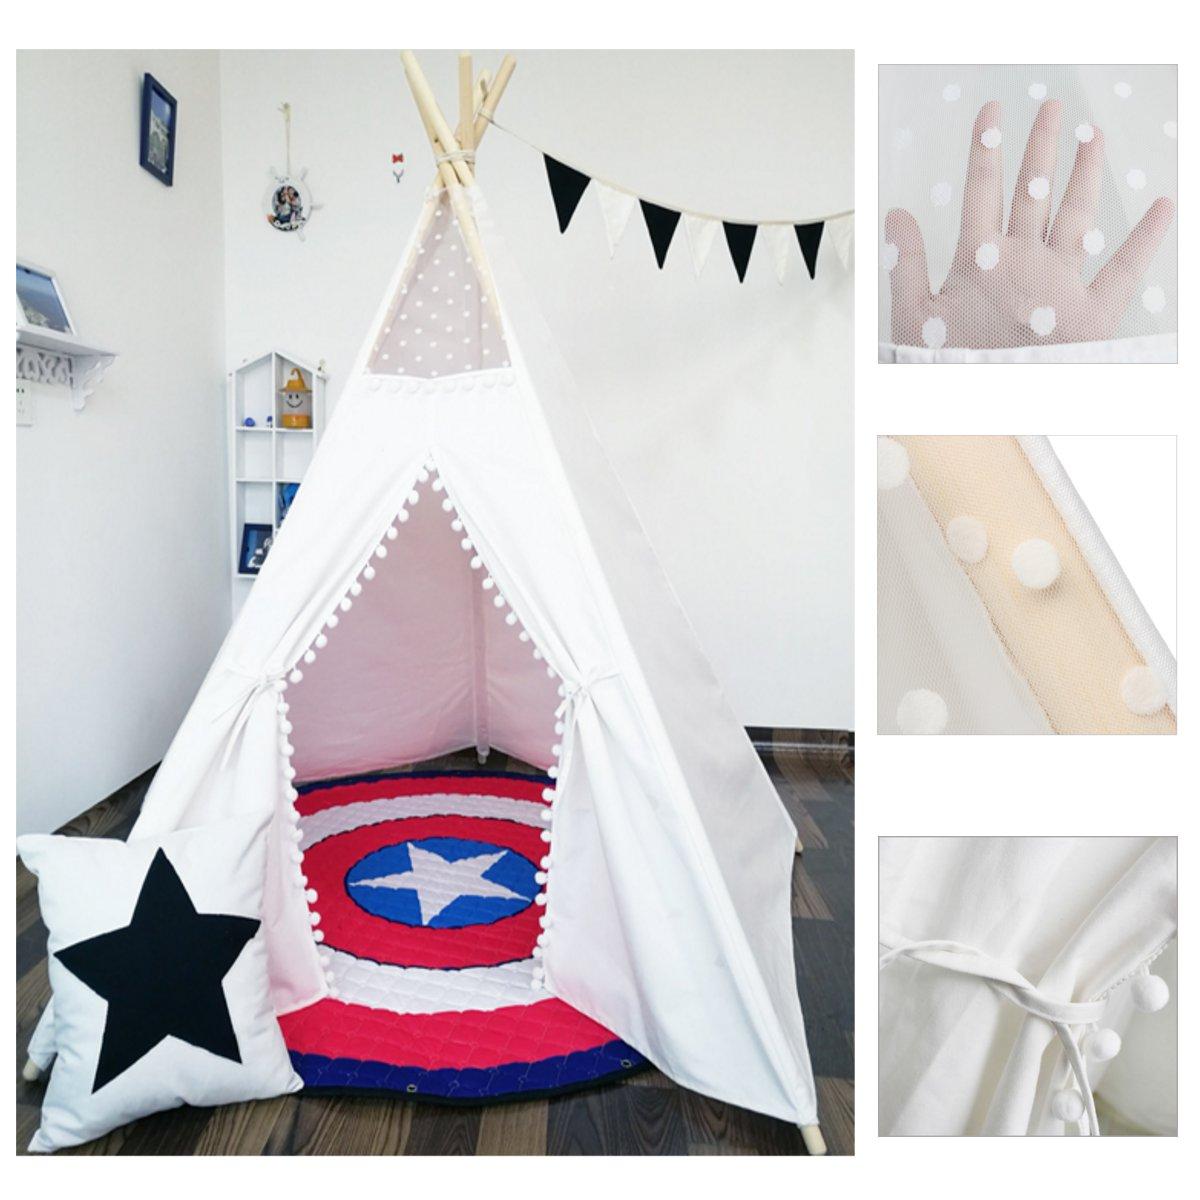 Grande toile de coton Original Tipi enfants Tipi avec blanc indien jouer tente maison enfants en plein air intérieur Tipi Tee Pee tente